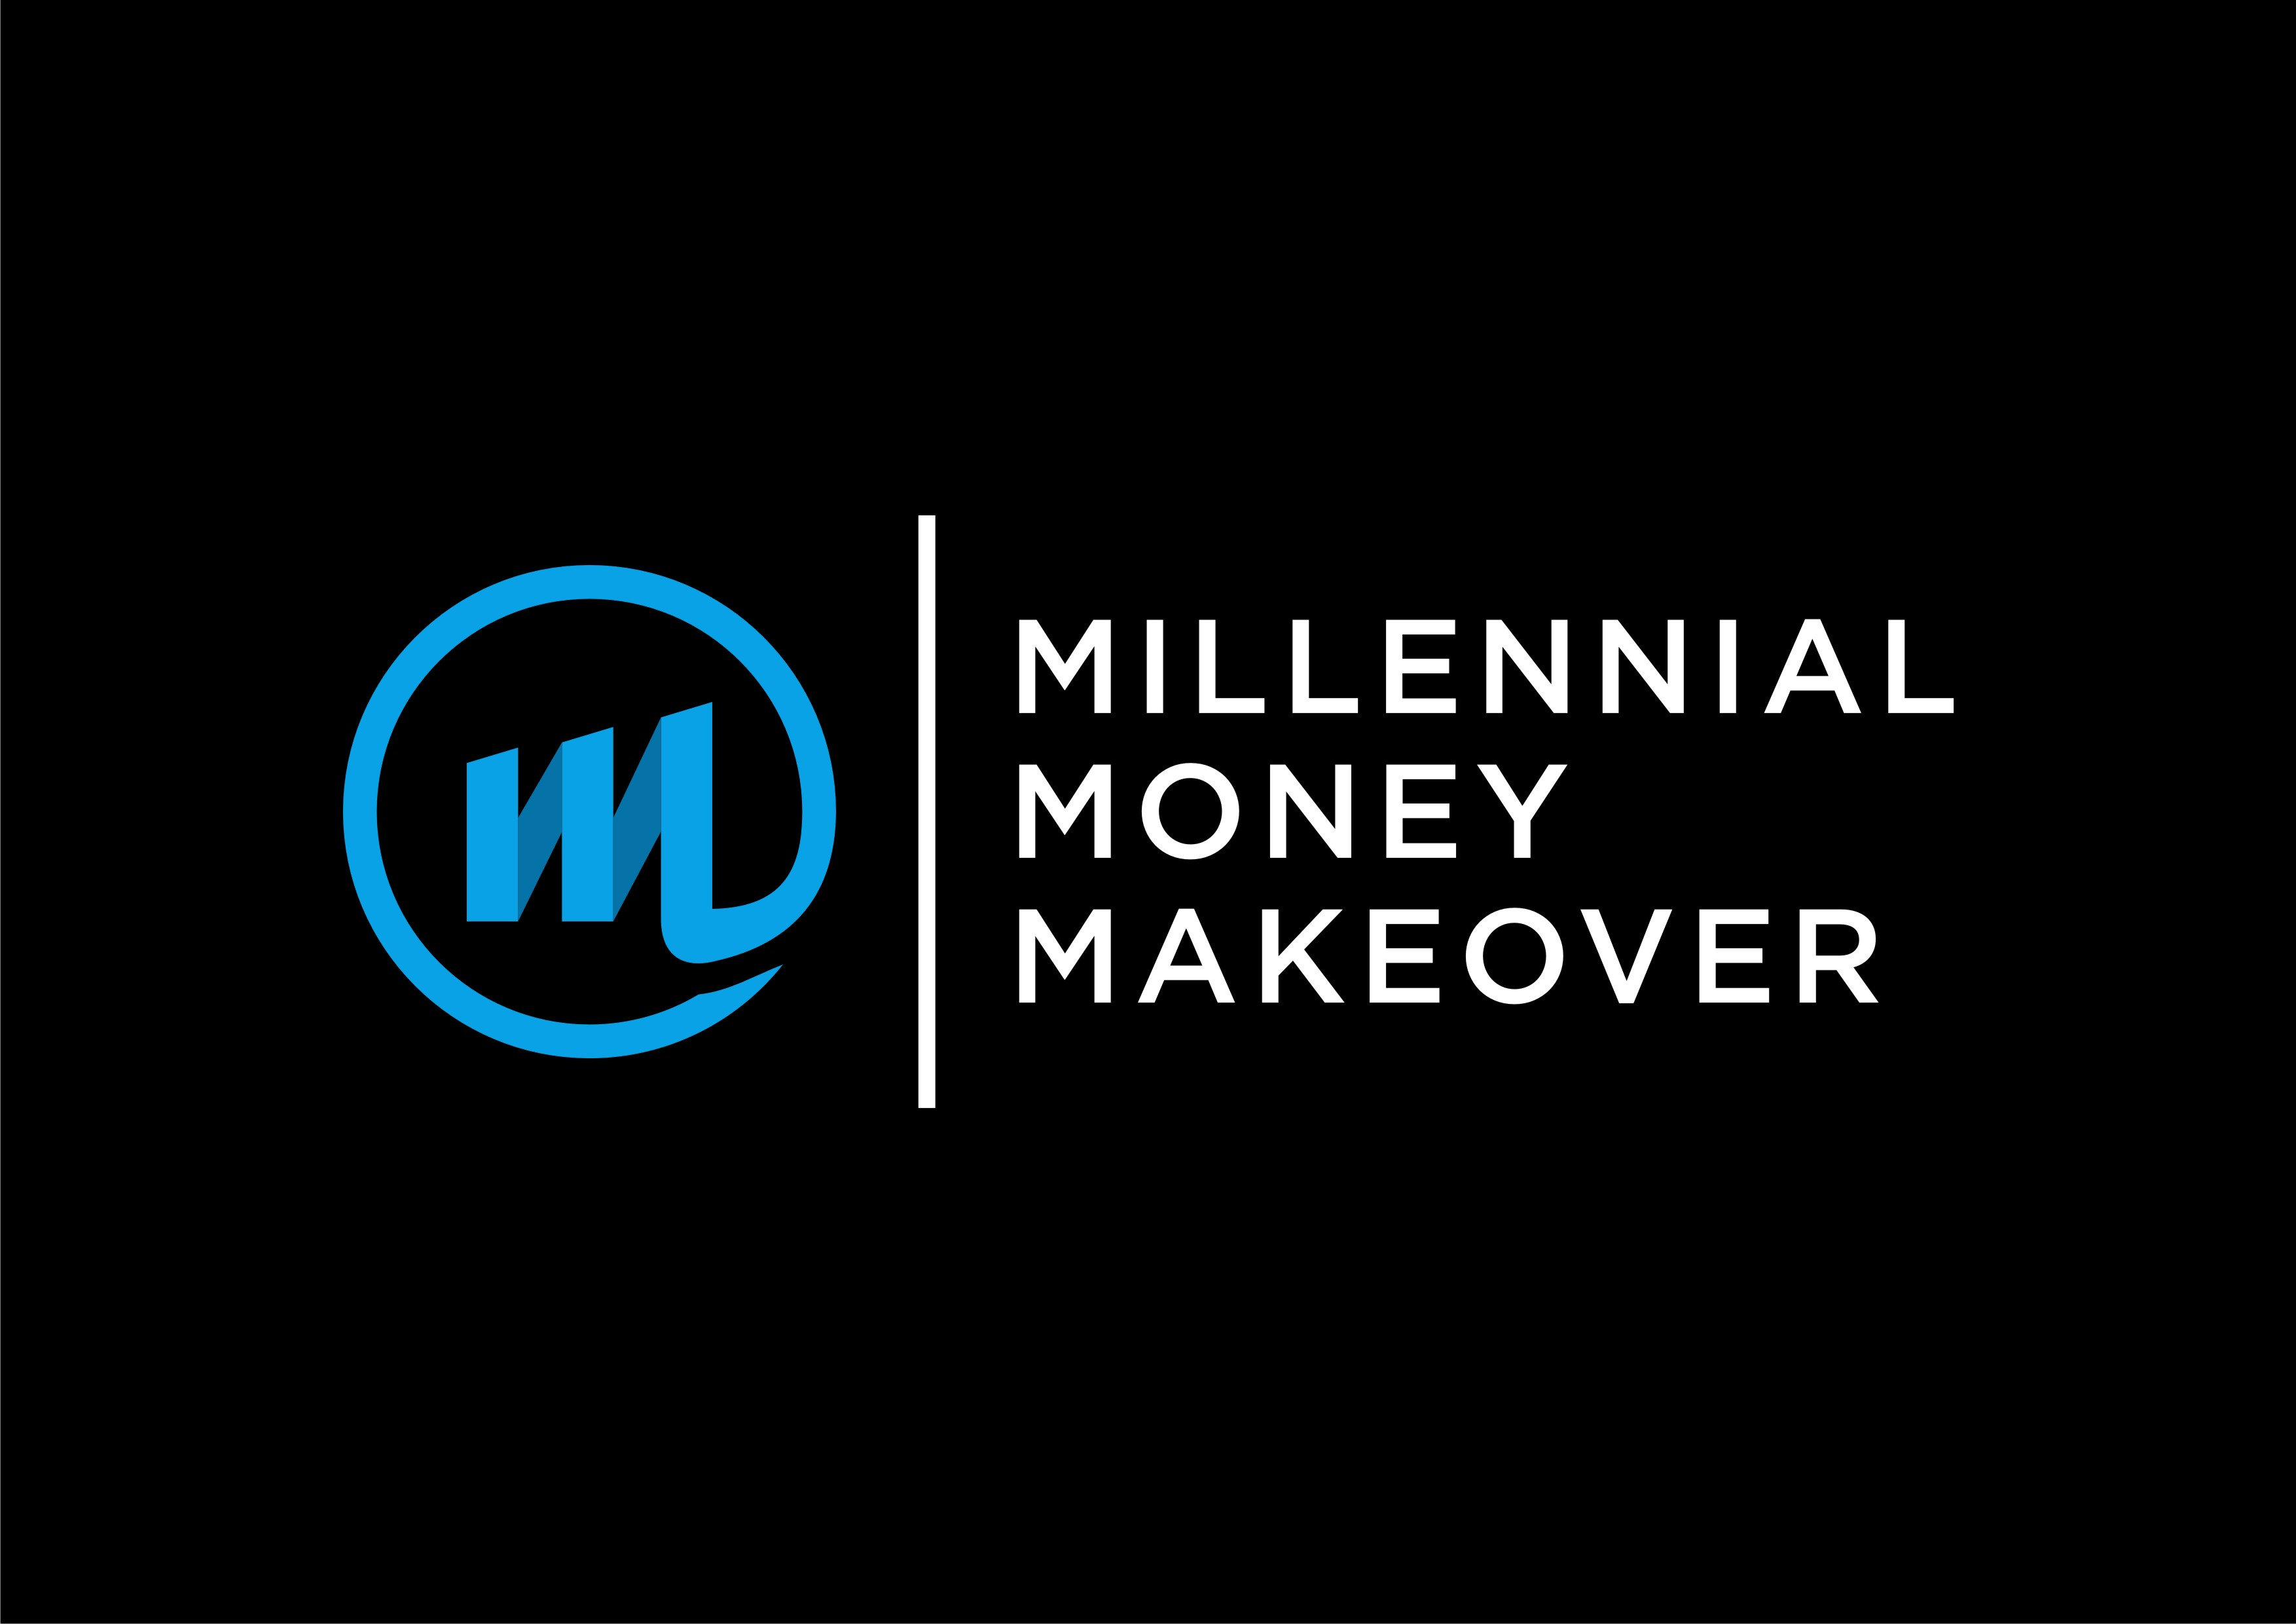 Millennial Money Makeover Company Logo